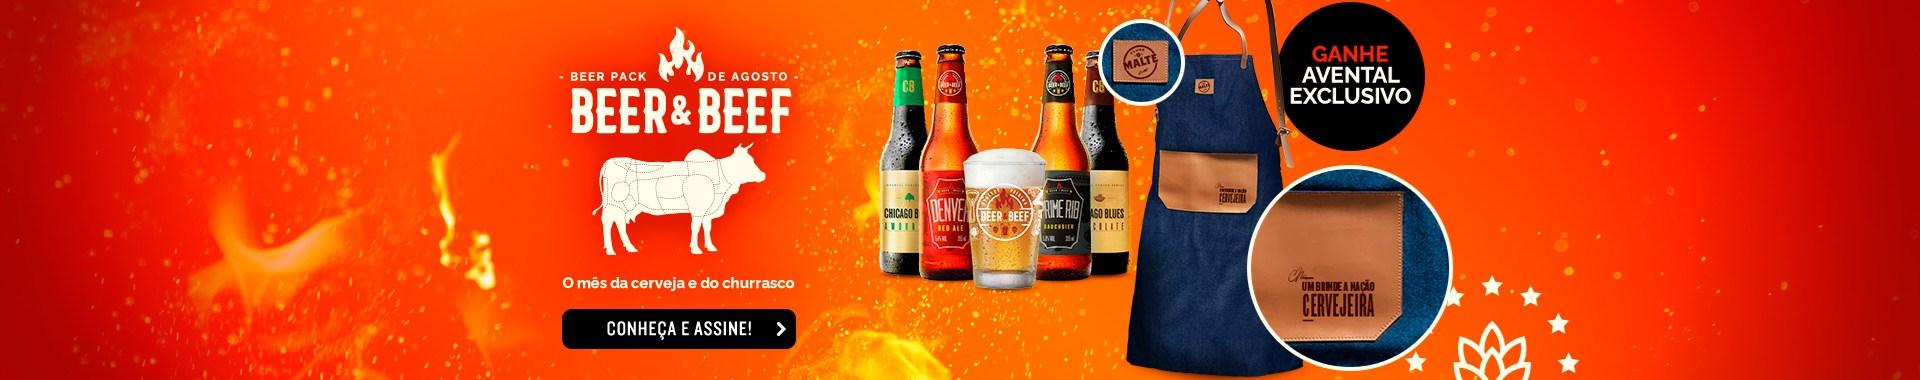 Beer Pack 4 + avental - Home Desktop